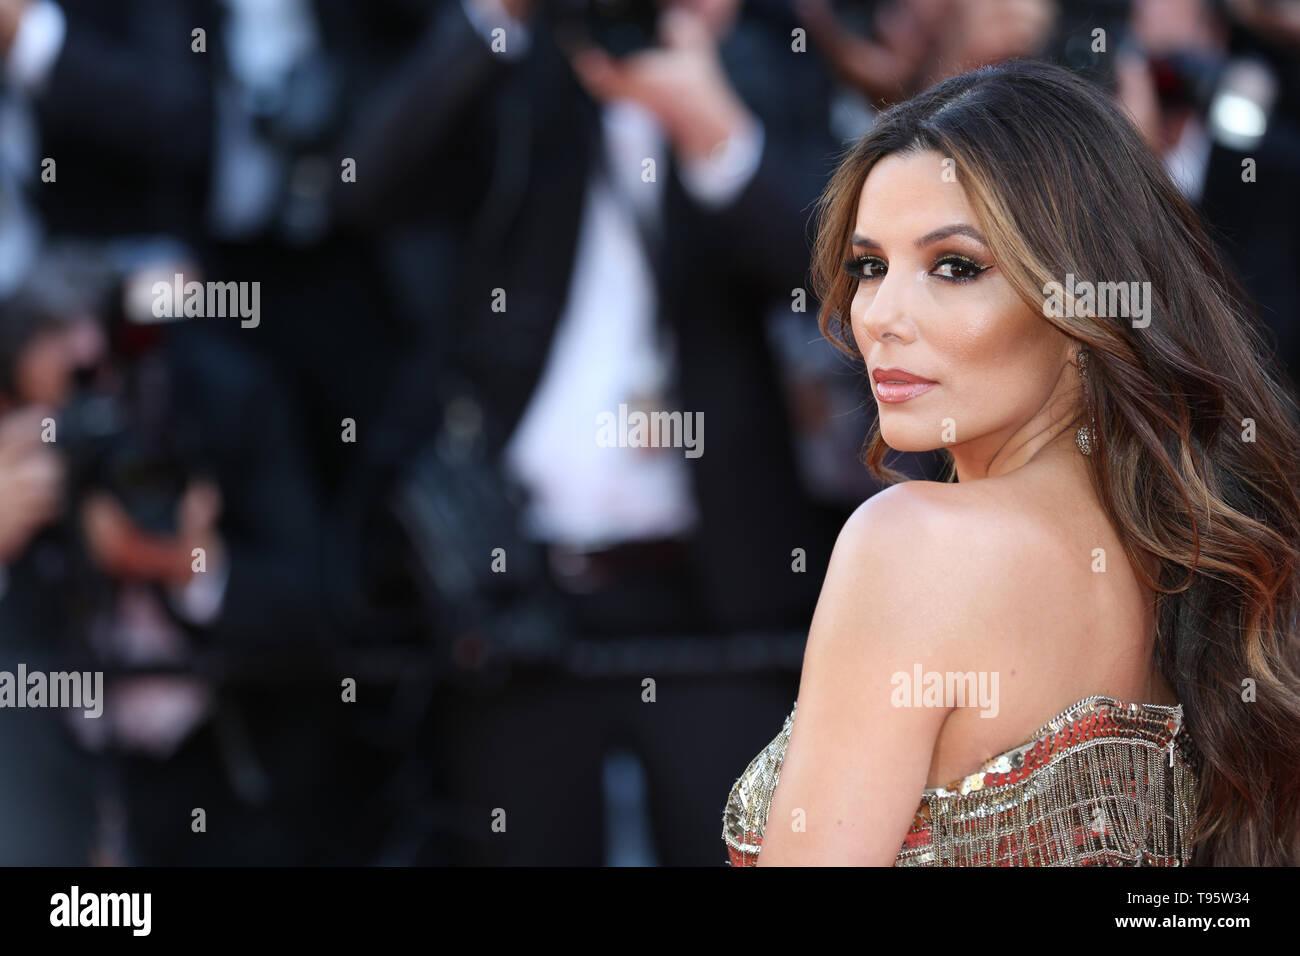 """CANNES, Francia - 16 Maggio: Eva Longoria assiste lo screening di """"Rocket Man' durante la 72a Cannes Film Festival (credito: Mickael Chavet/Progetto Alba/Alamy Live News) Foto Stock"""